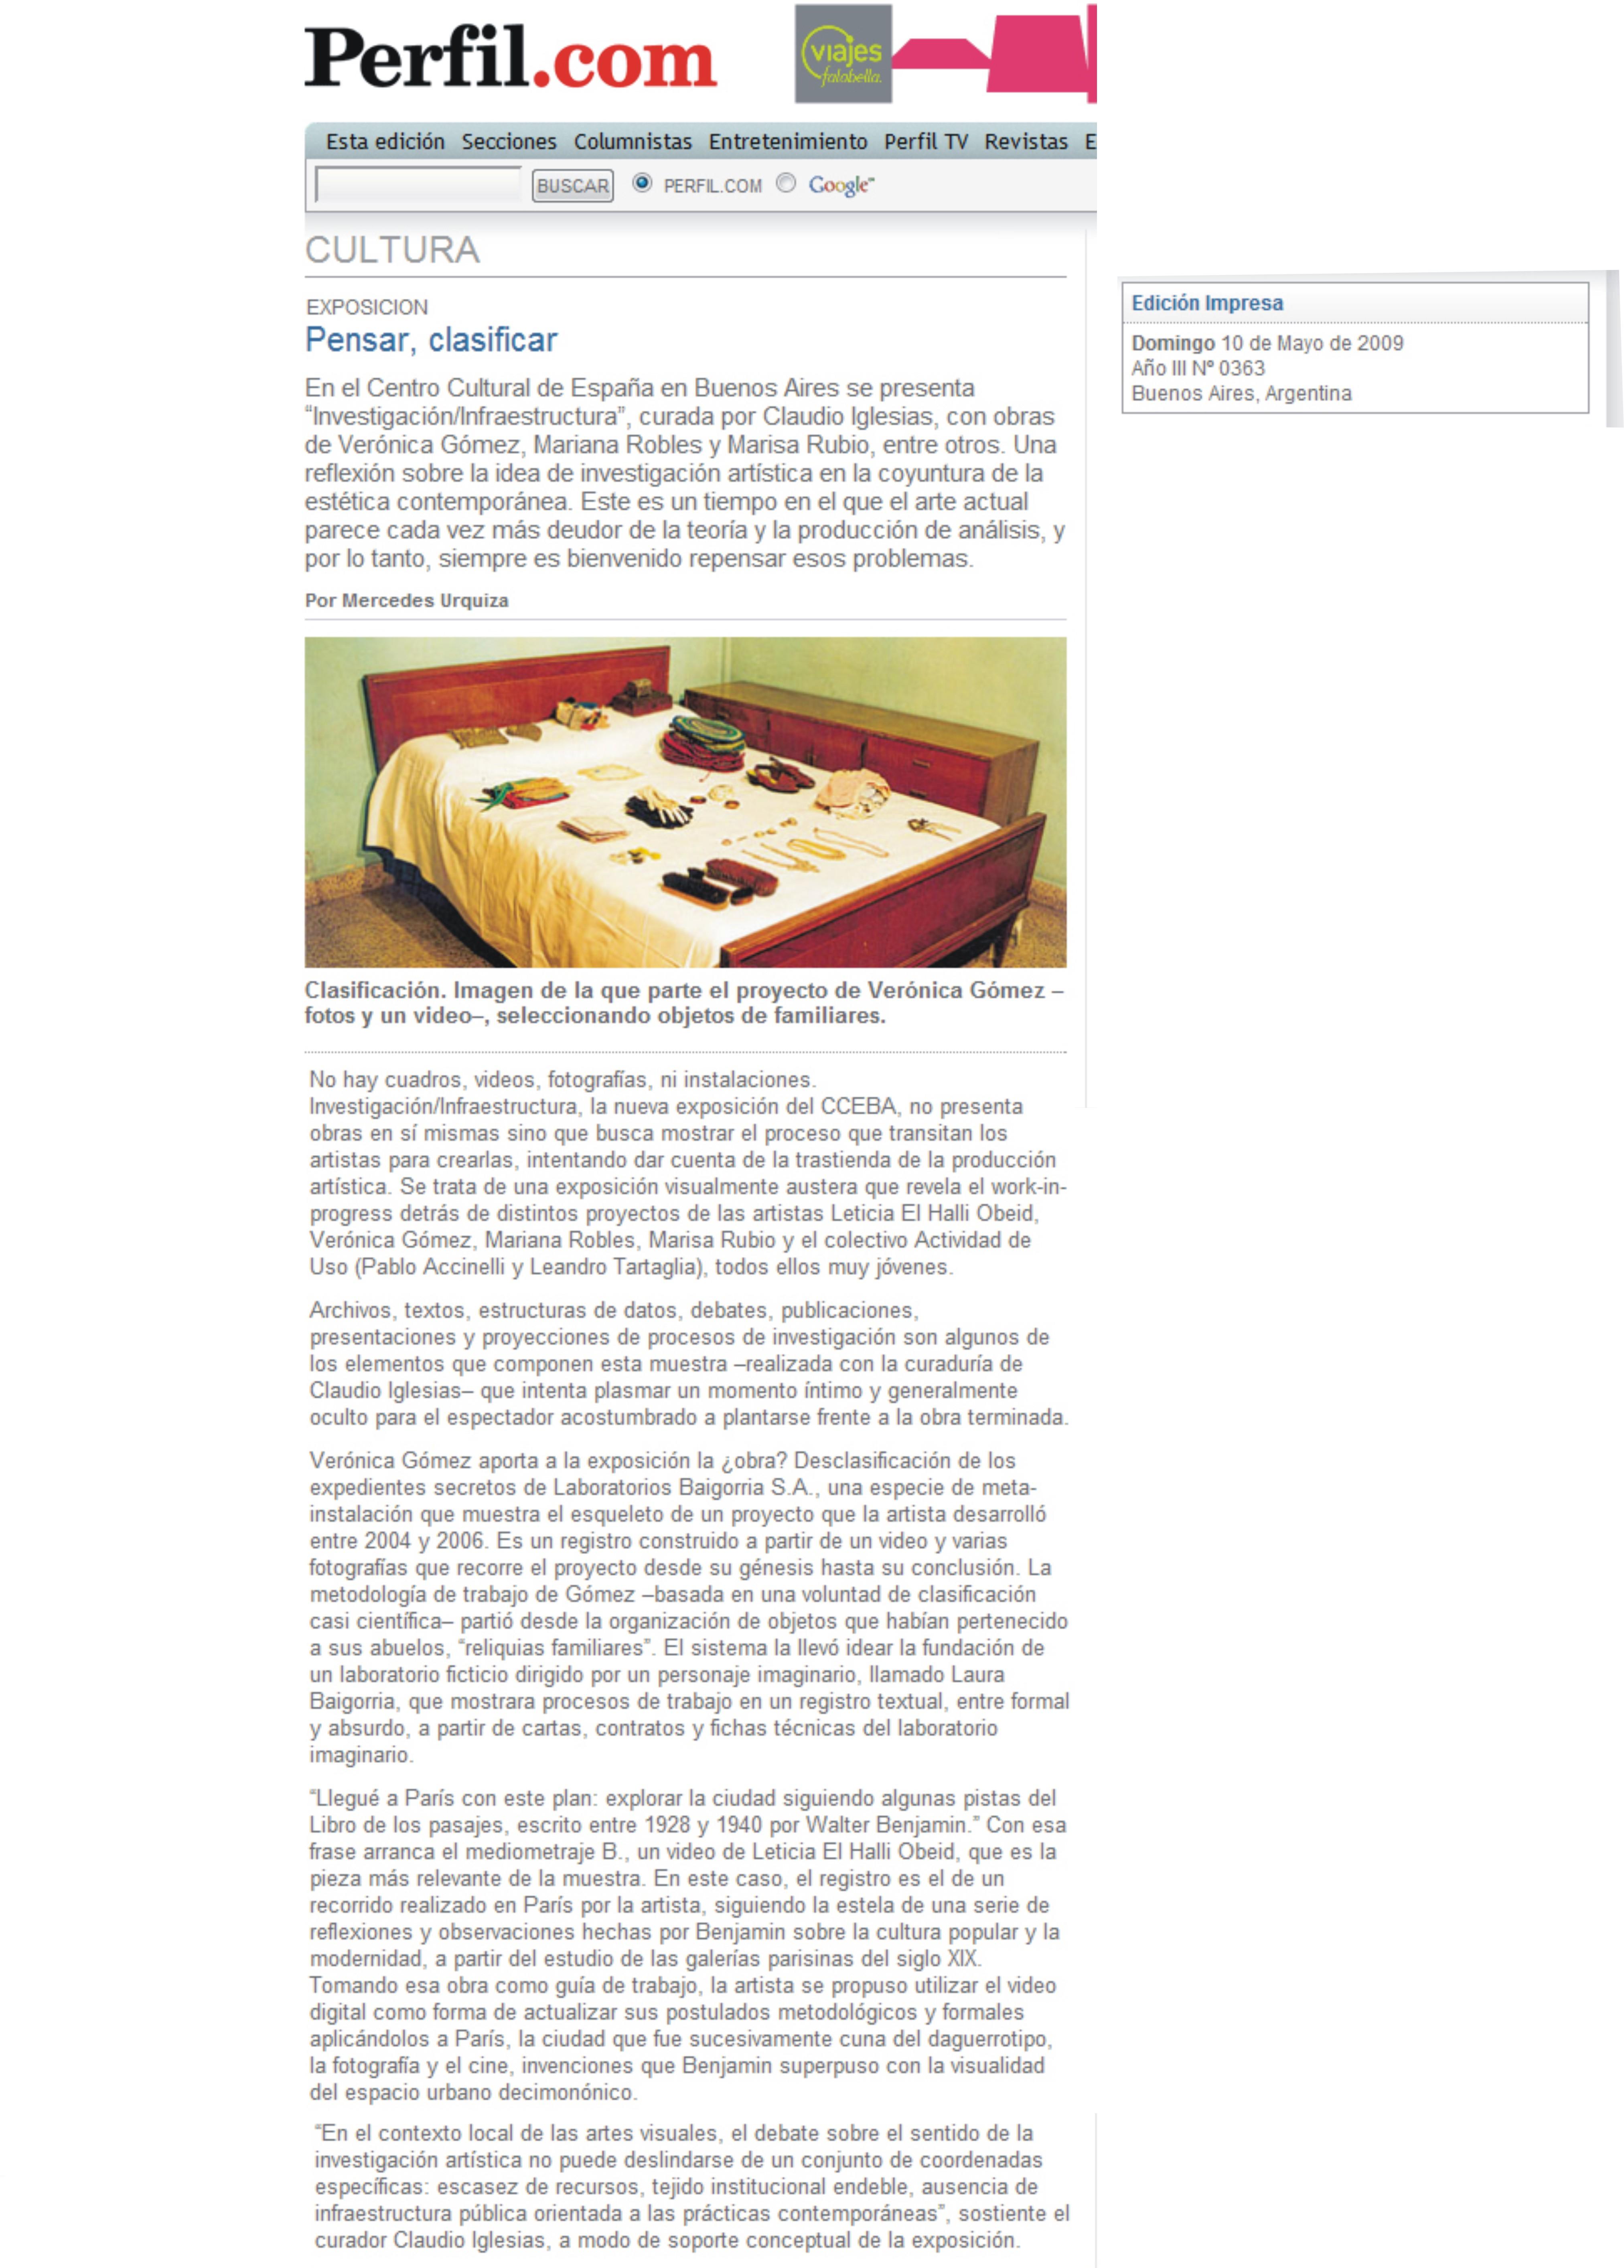 diario-perfil-10-de-mayo-de-2009